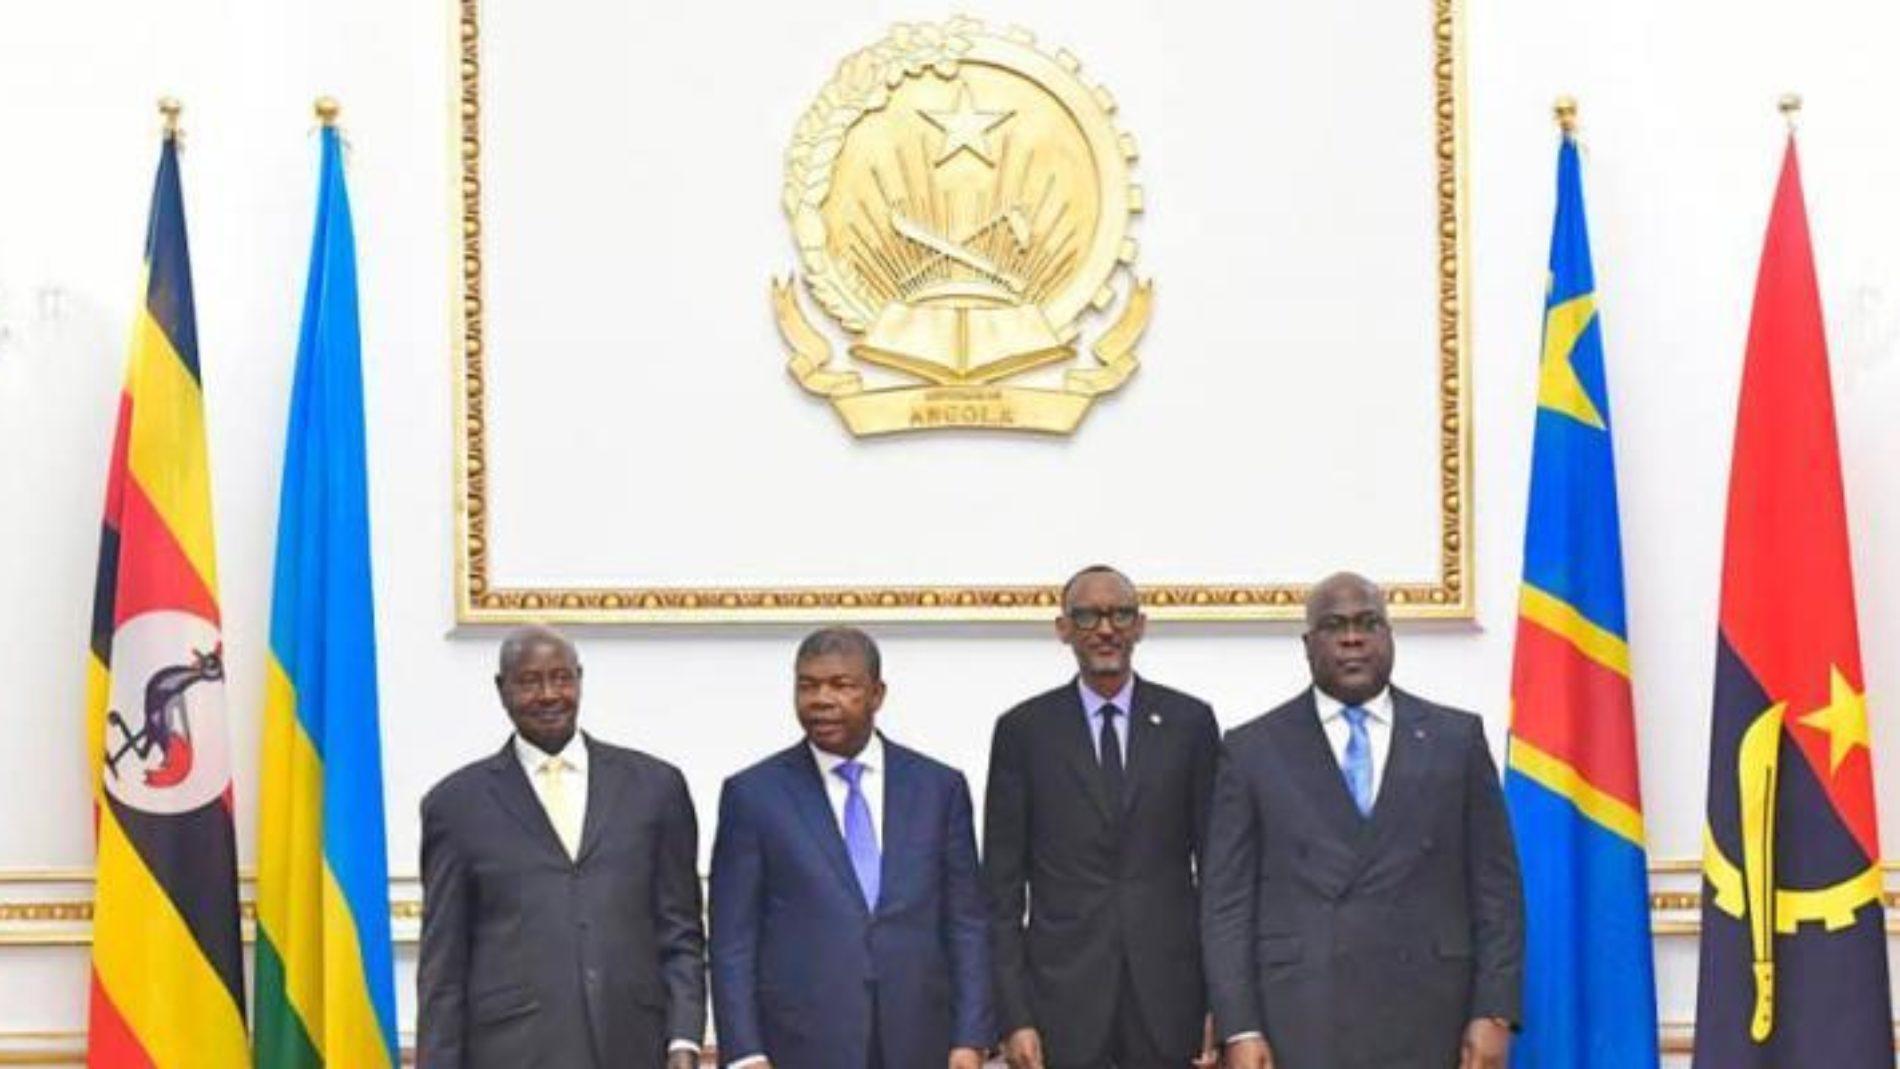 Mini-sommet de Goma : Tshisekedi, Kagame, Museveni et Lourenço réaffirment la volonté de conjuguer d'efforts visant à éradiquer les groupes armés dans la sous-région des Grands Lacs